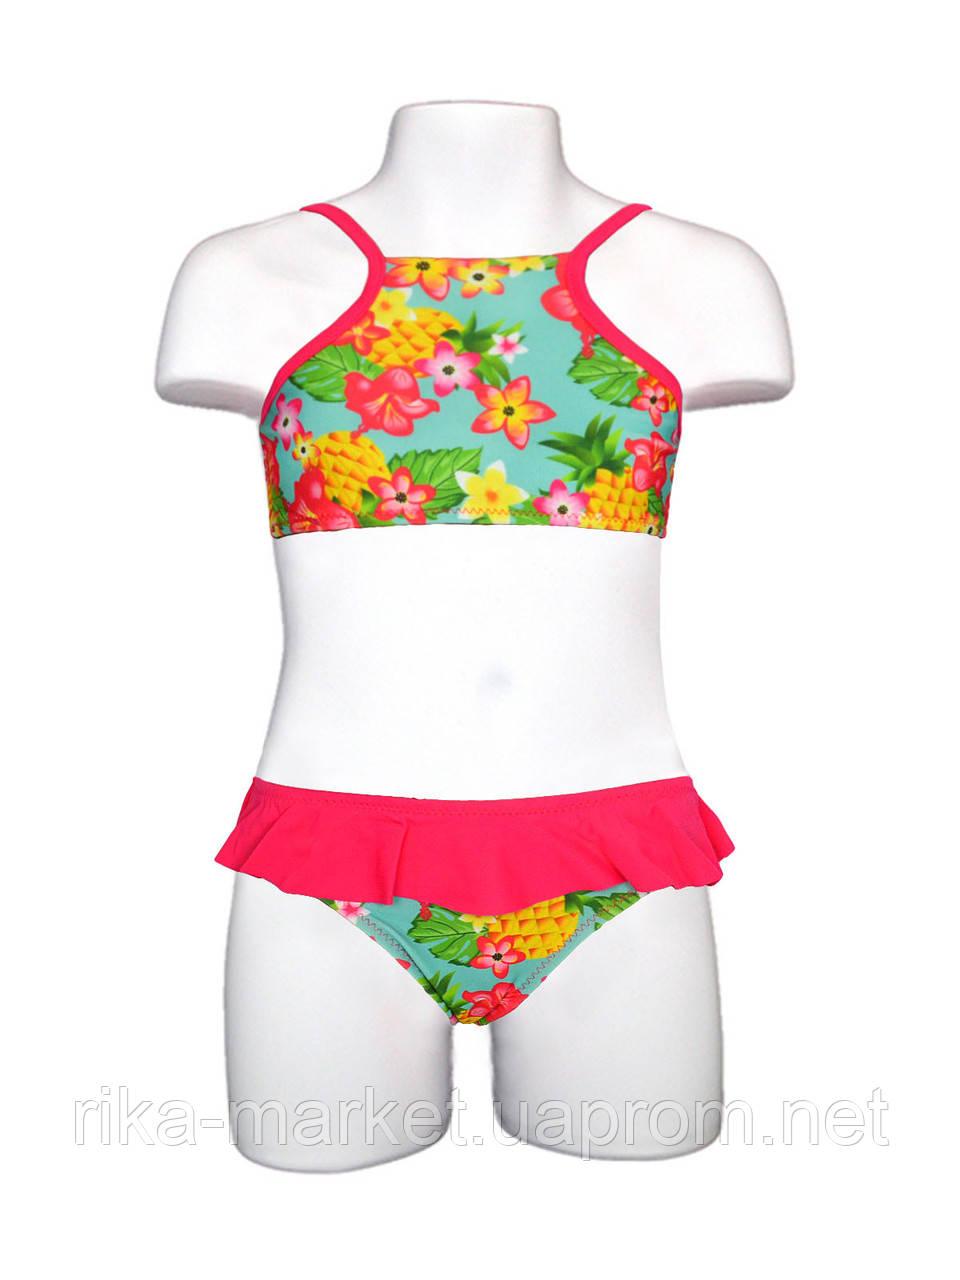 Раздельный купальник для девочки Keyzi, от 2 до 6 лет, Kaja